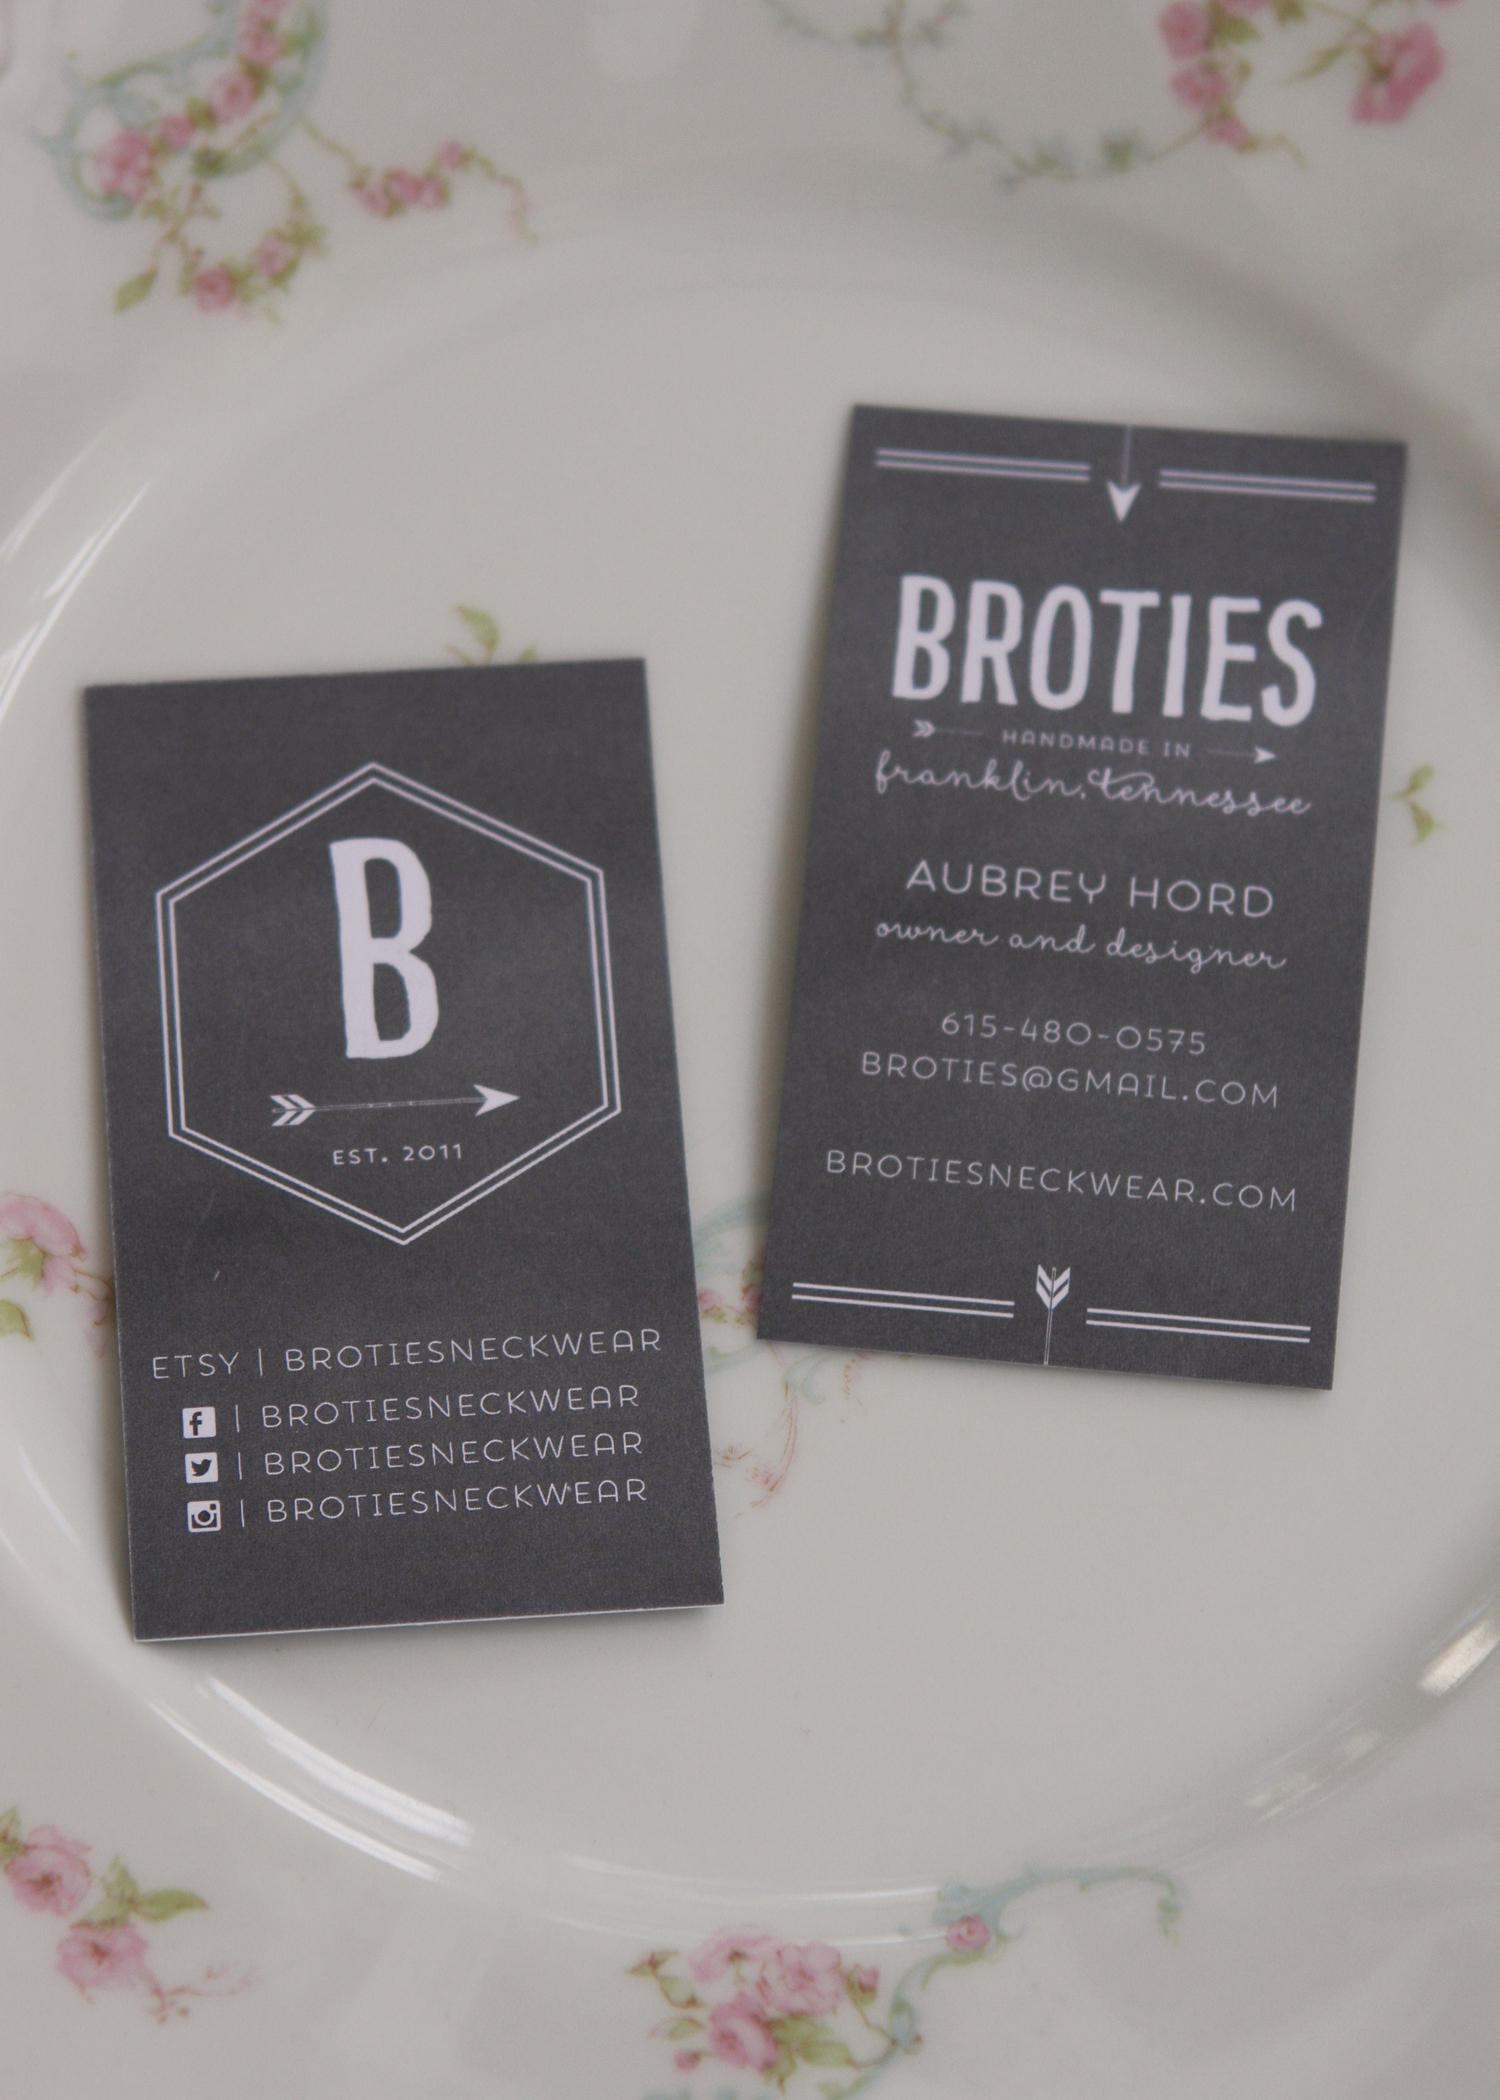 BroTies business cards.